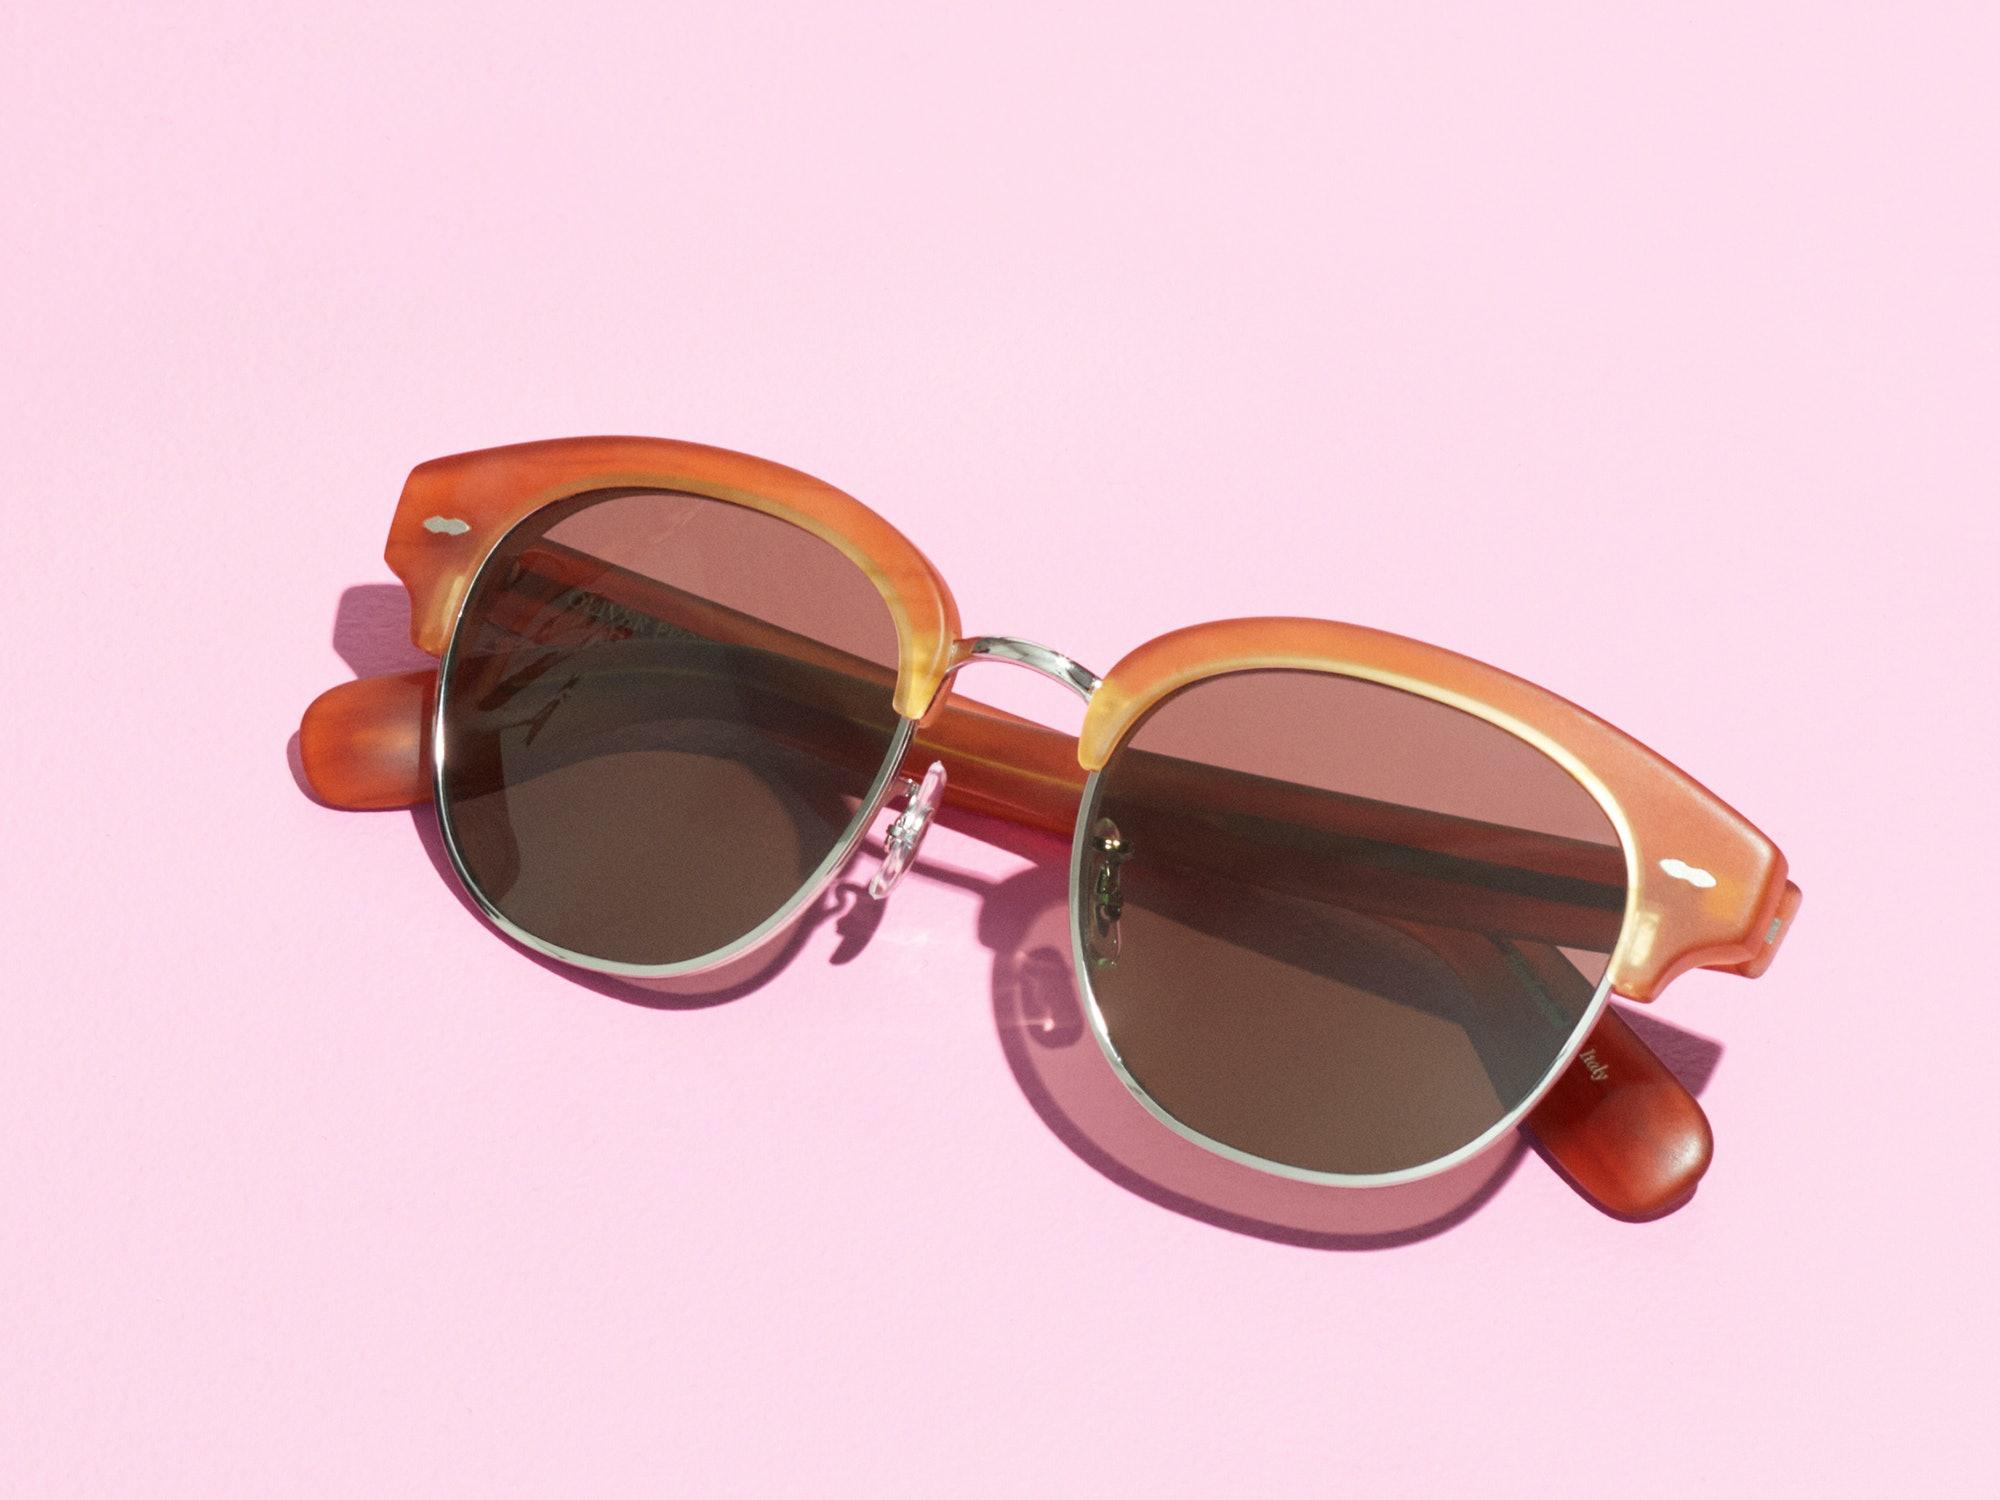 Bilde av en solbrille som kan fås med styrke